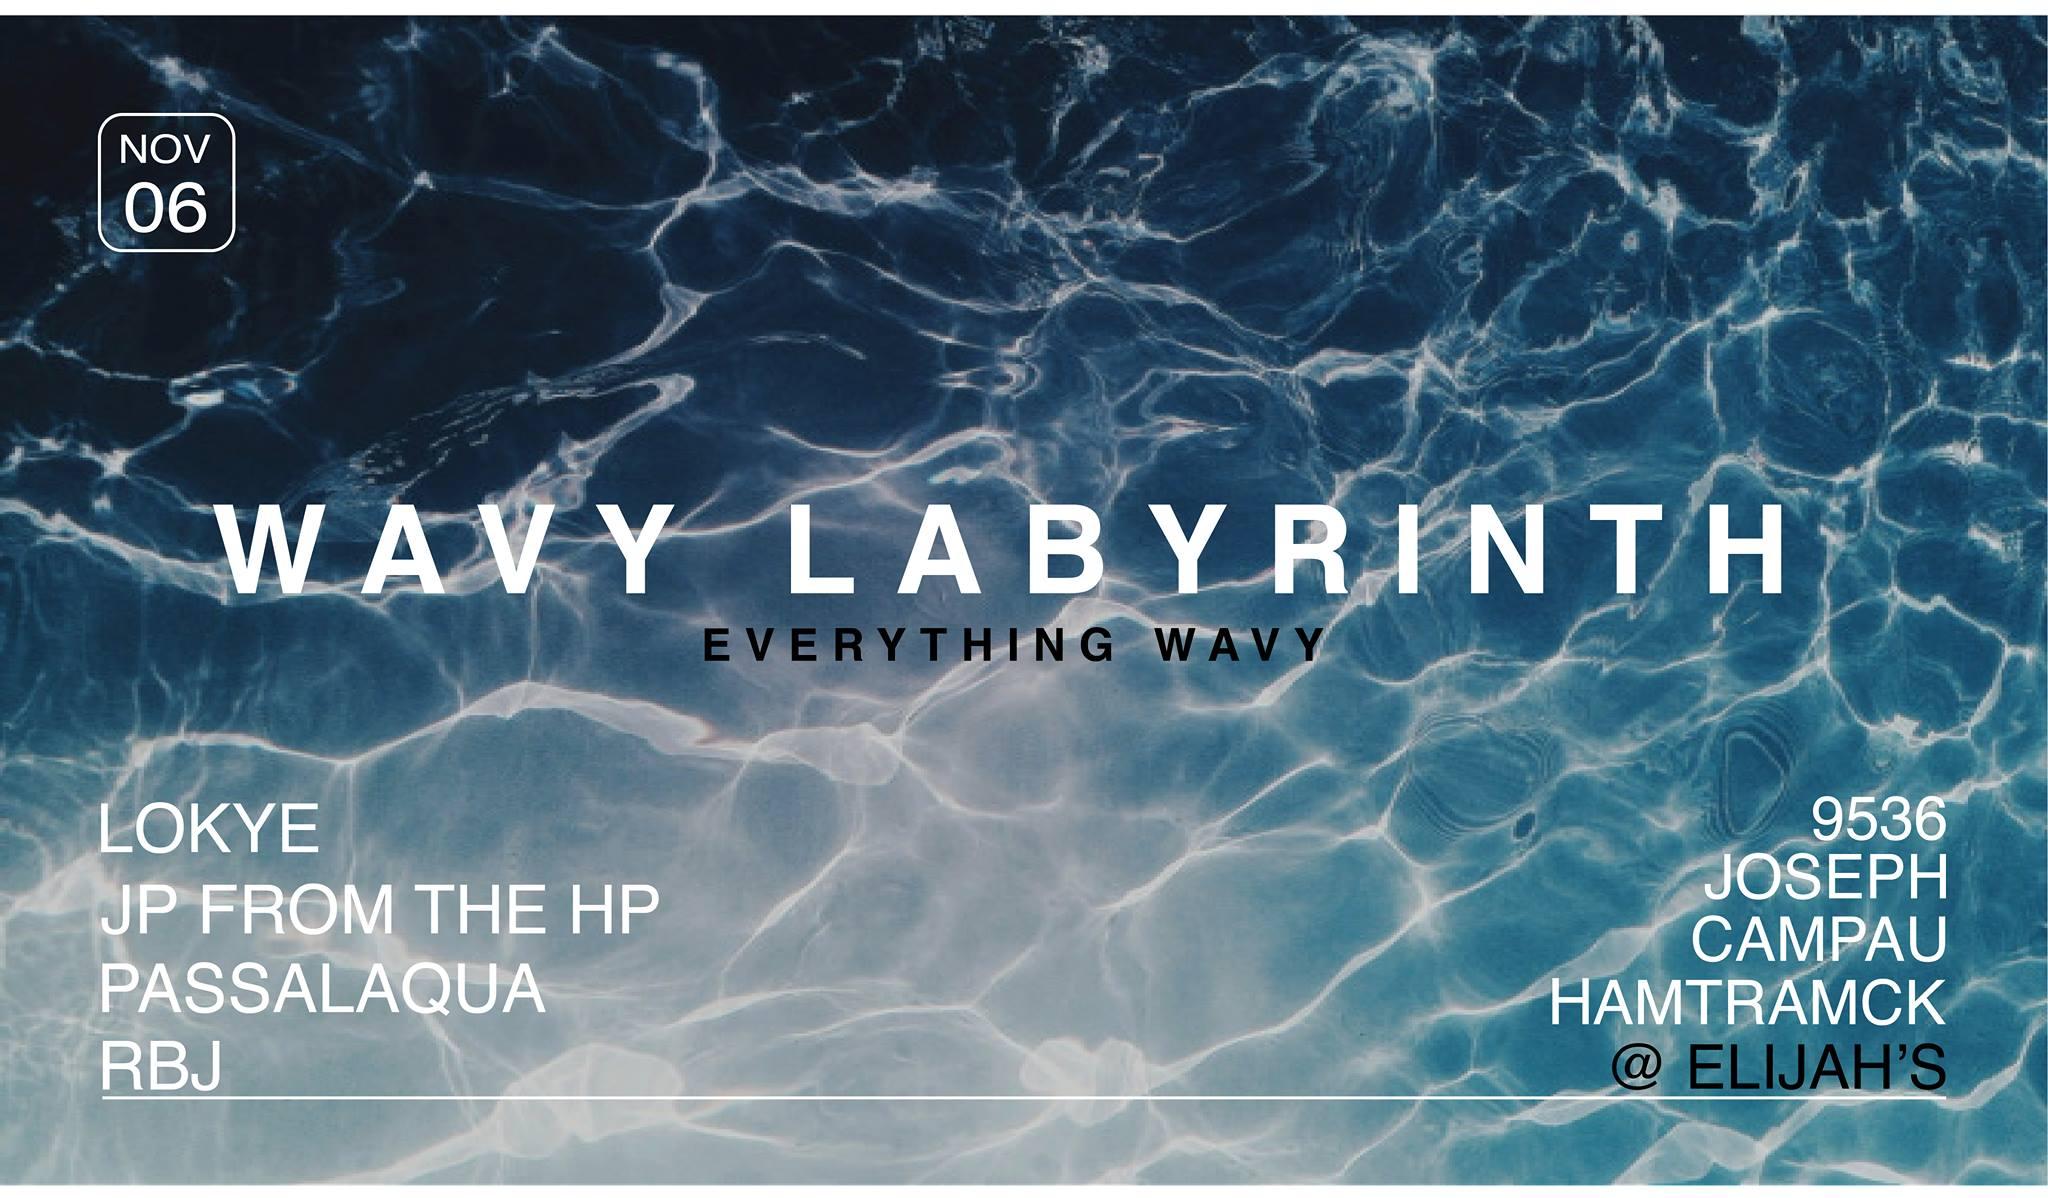 wavy labyrinth 11.6-2.jpg